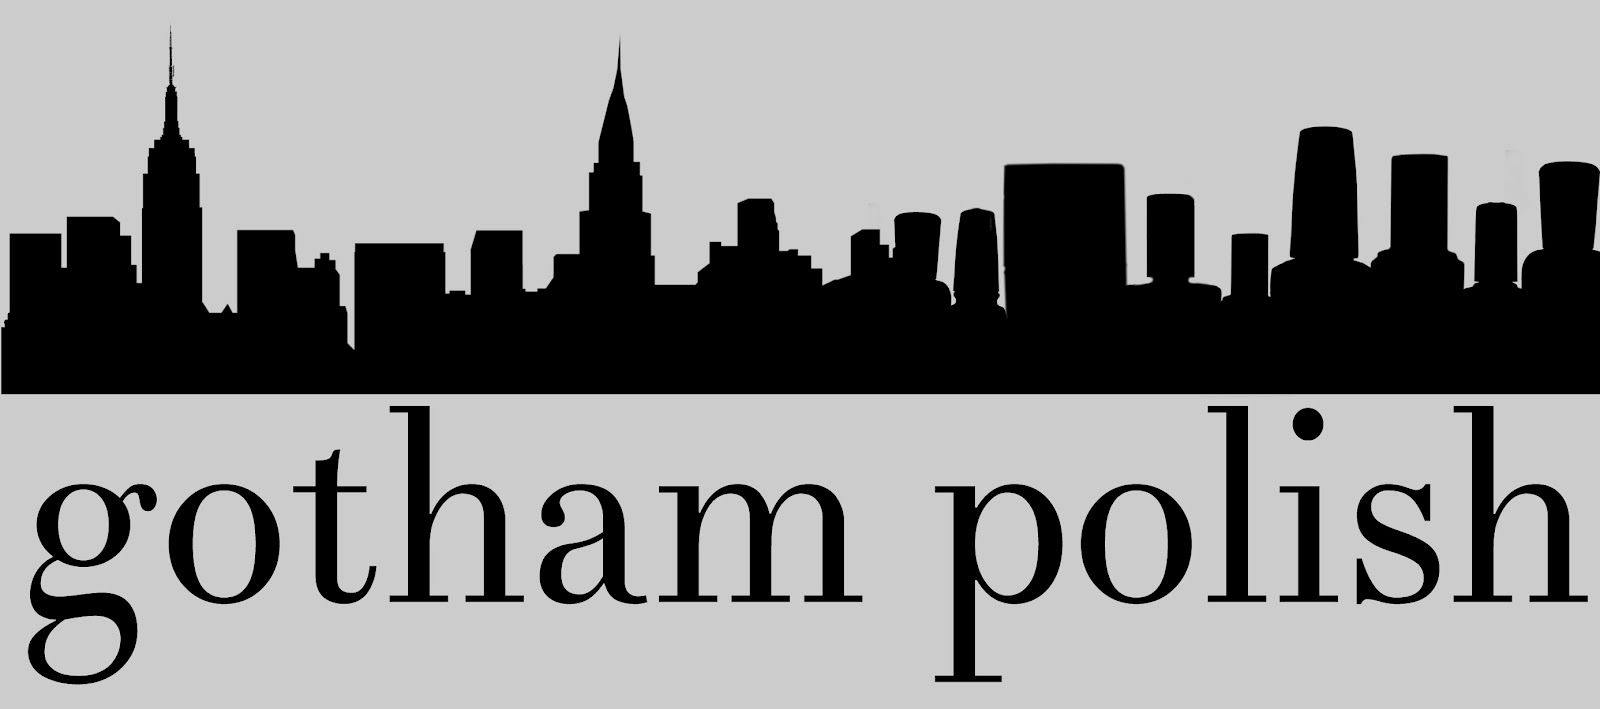 Gotham Skyline Tattoo City Pinterest